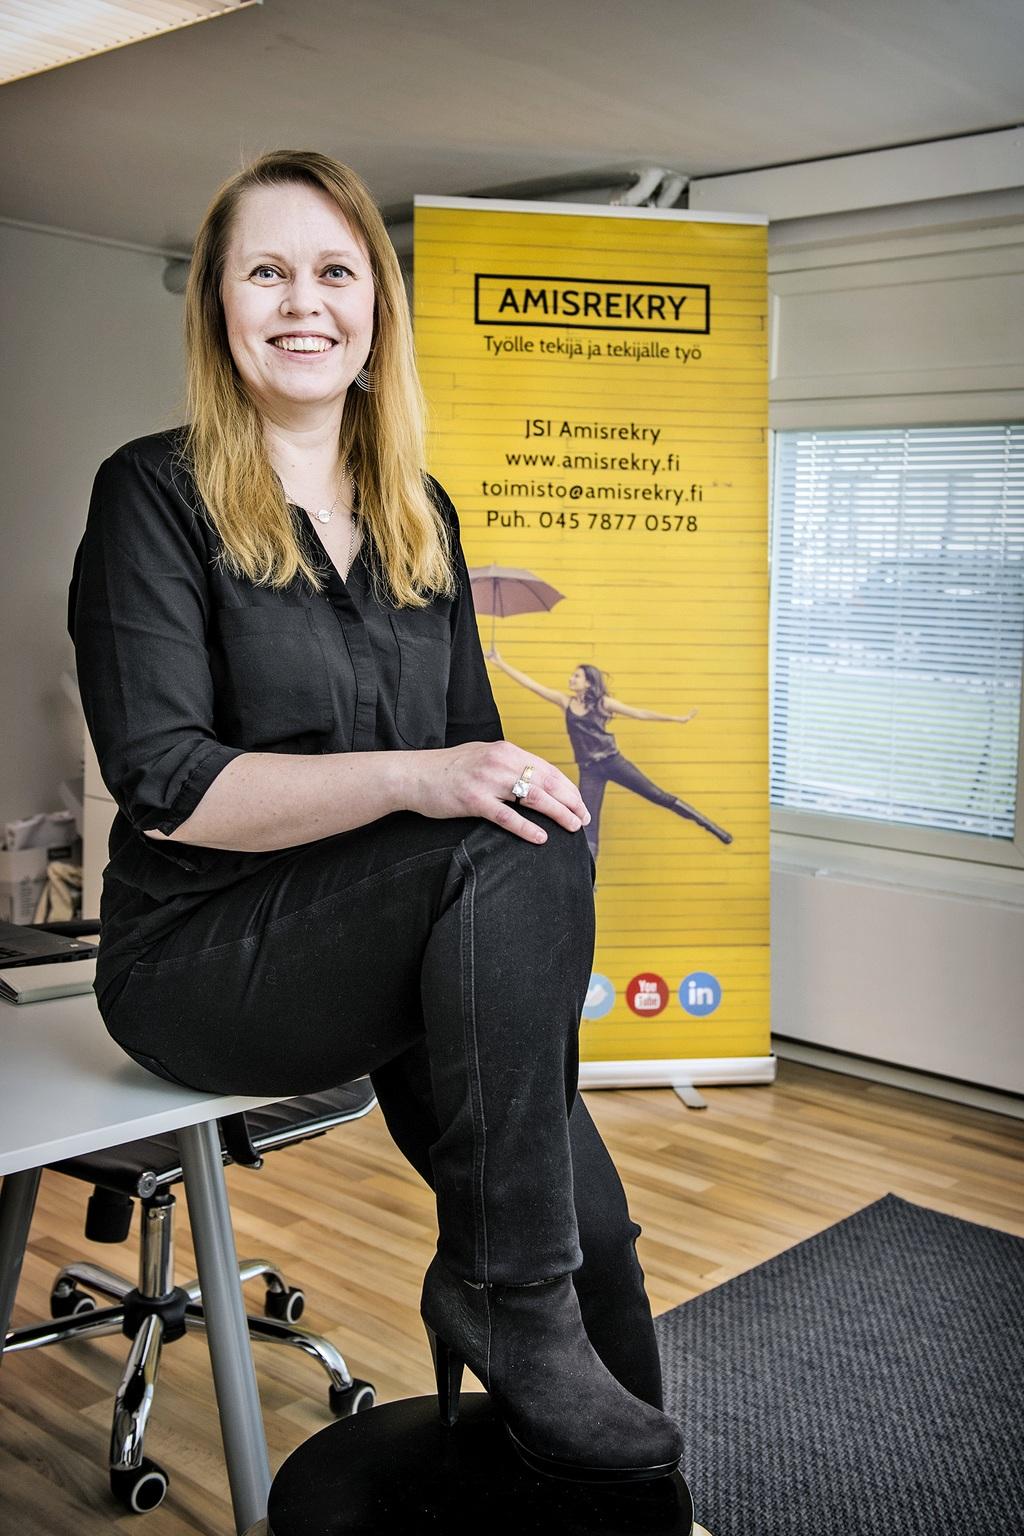 aAmisrekryn toimitusjohtaja Sanna Järvinen uskoo, että Varsinais-Suomessa riittää töitä perusammattilaisille. Amisrekry tarjoaa yrityksille toisen asteen ammattilaisten rekrytointipalvelua.